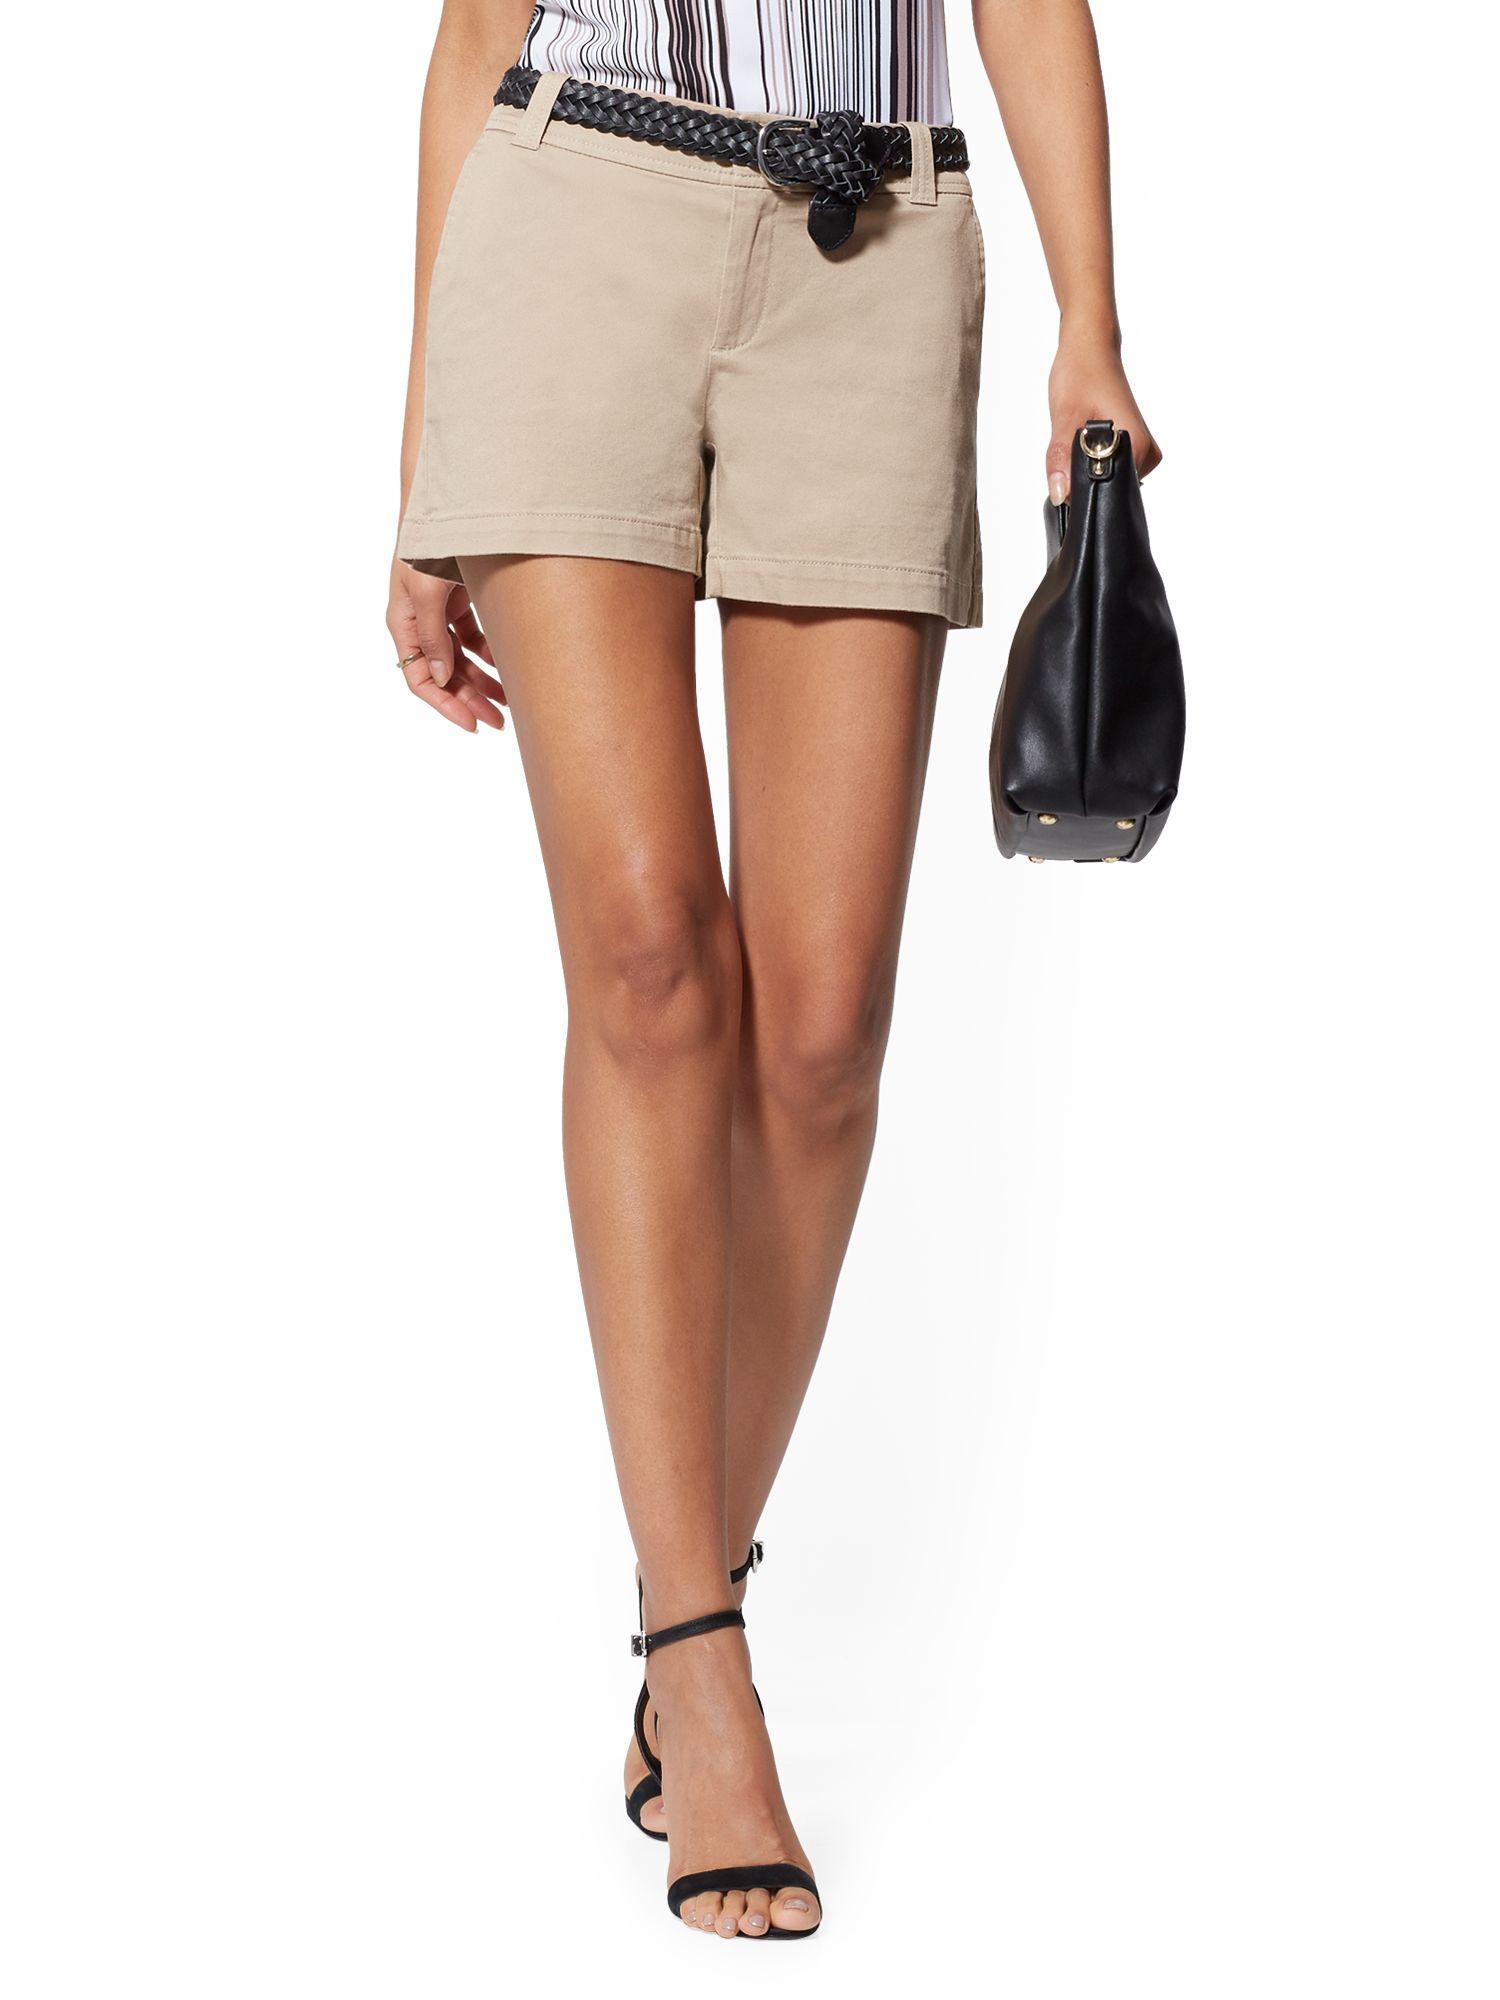 72f0841bd0 New York   Company. Women s 4 Inch Hampton Short - Soho Jeans